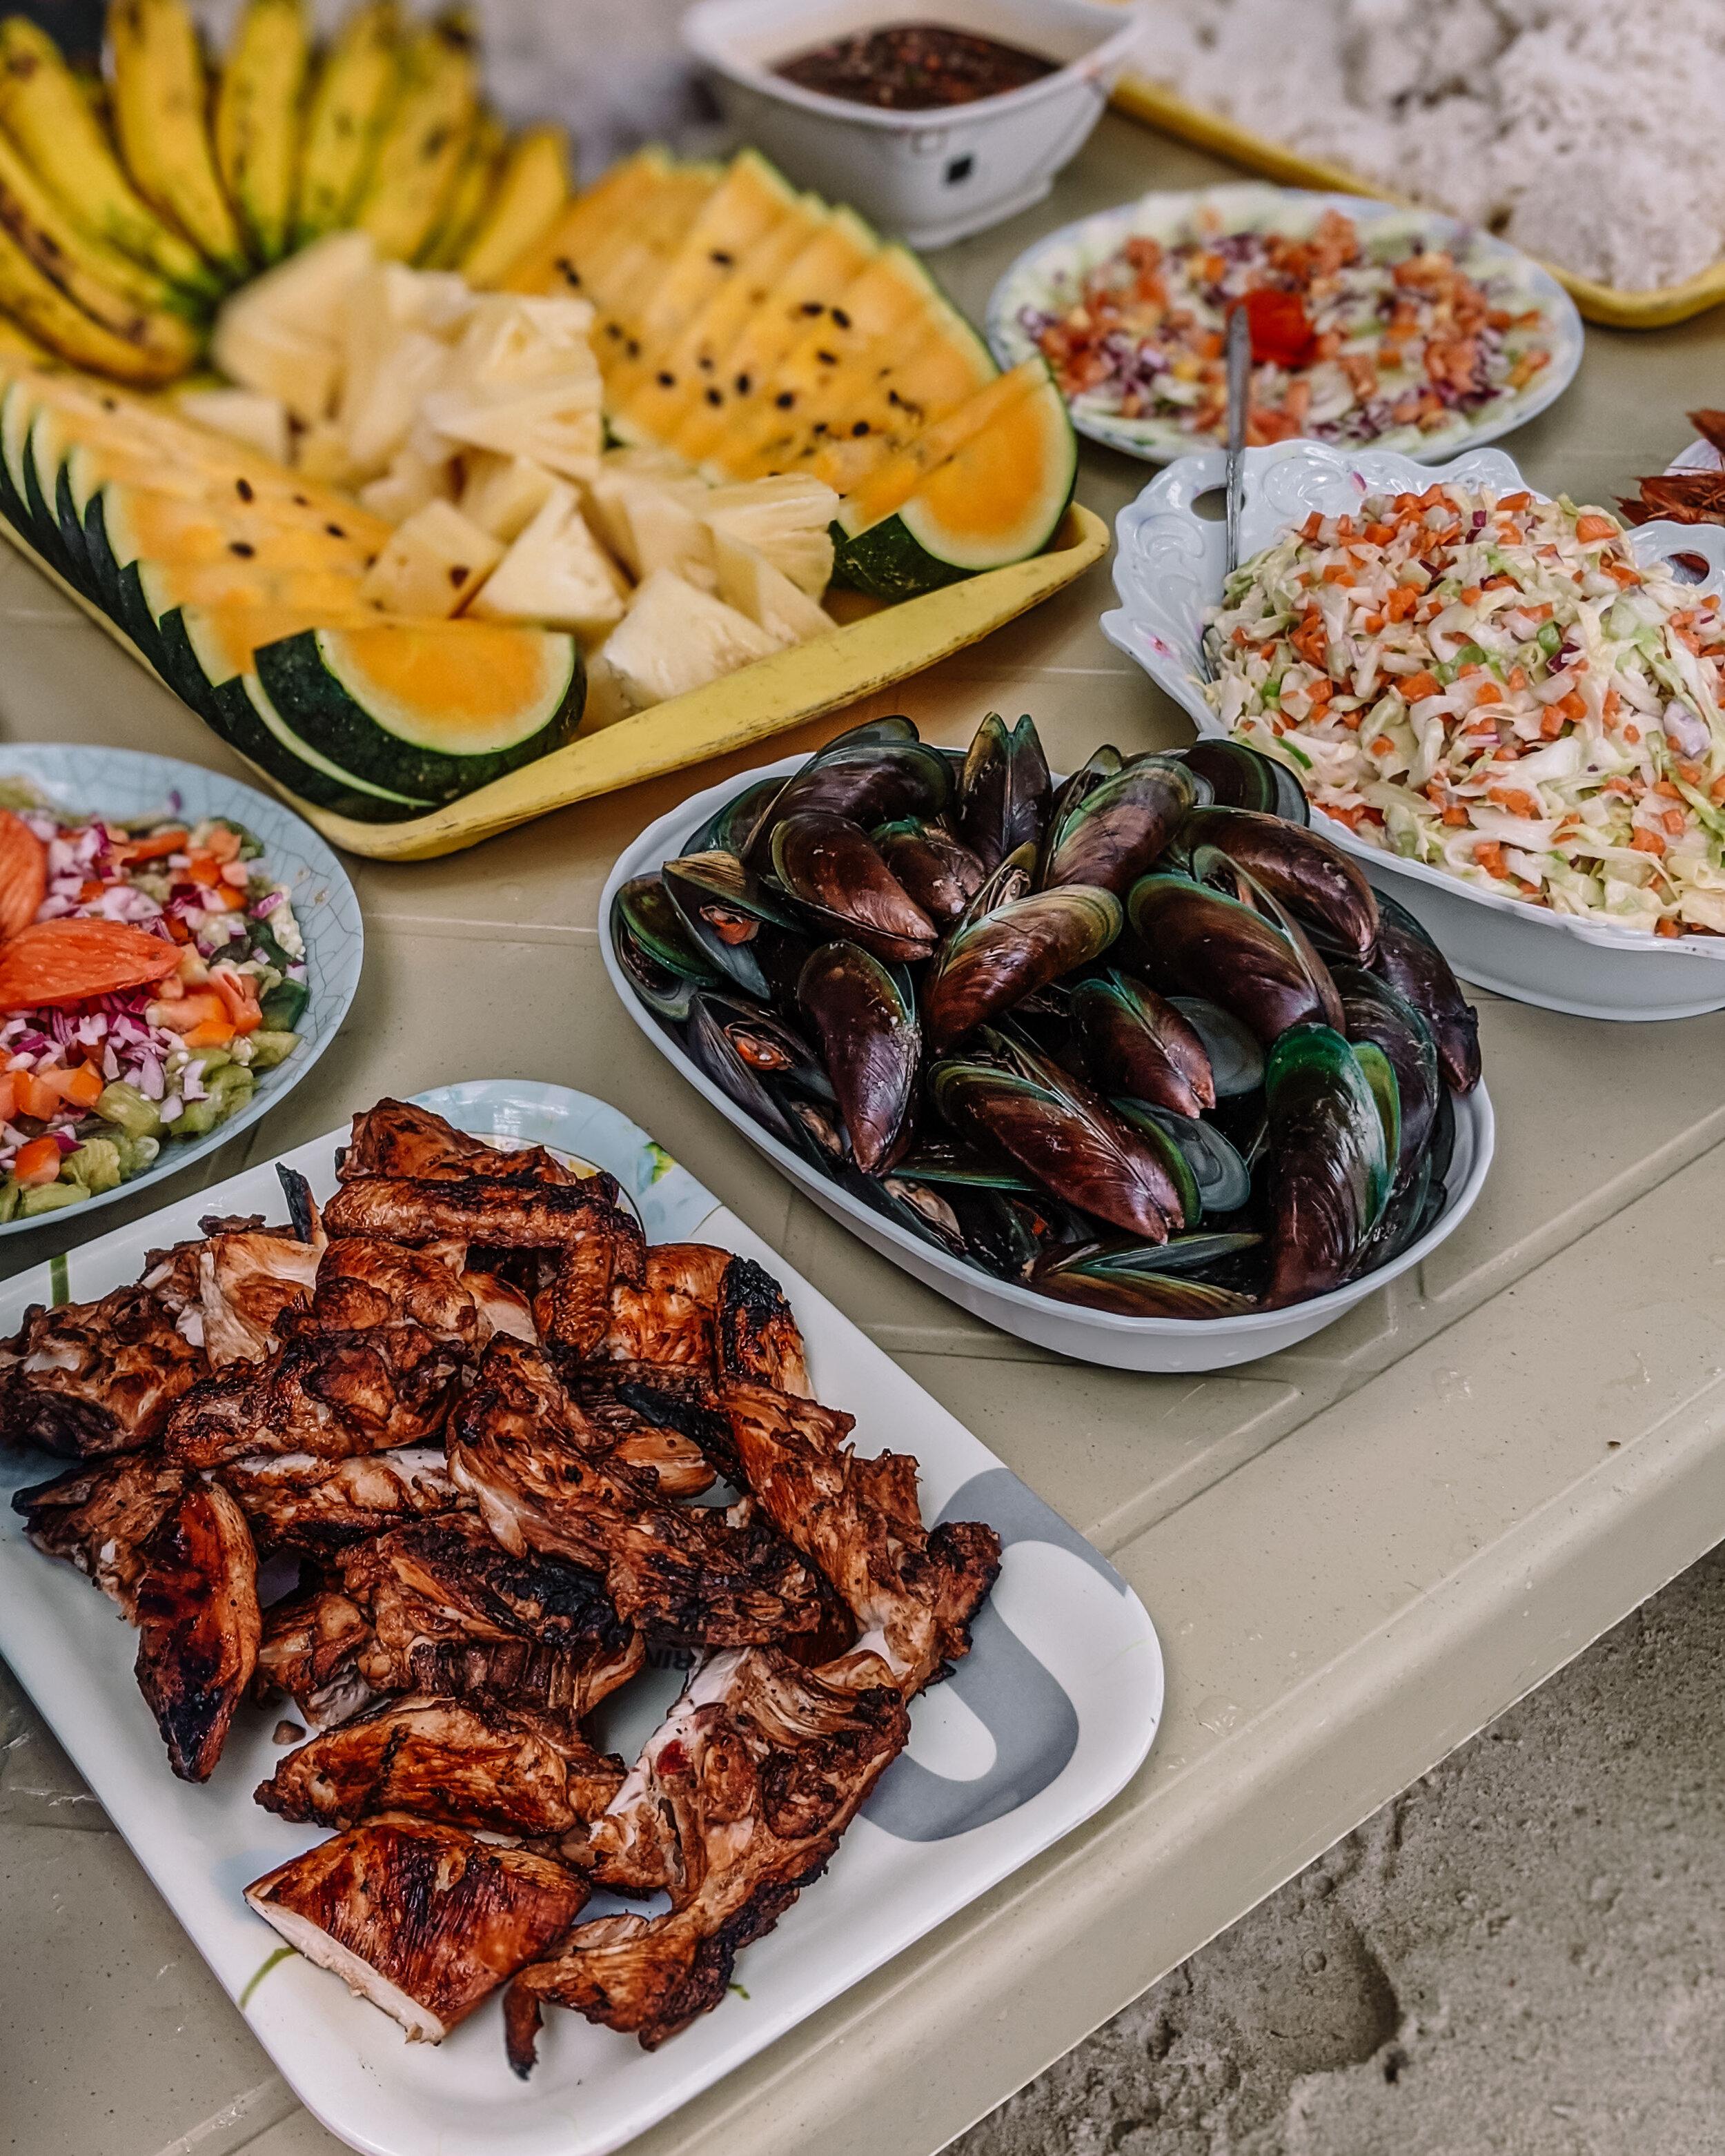 Rachel Off Duty: Lunch Potluck in El Nido, Philippines